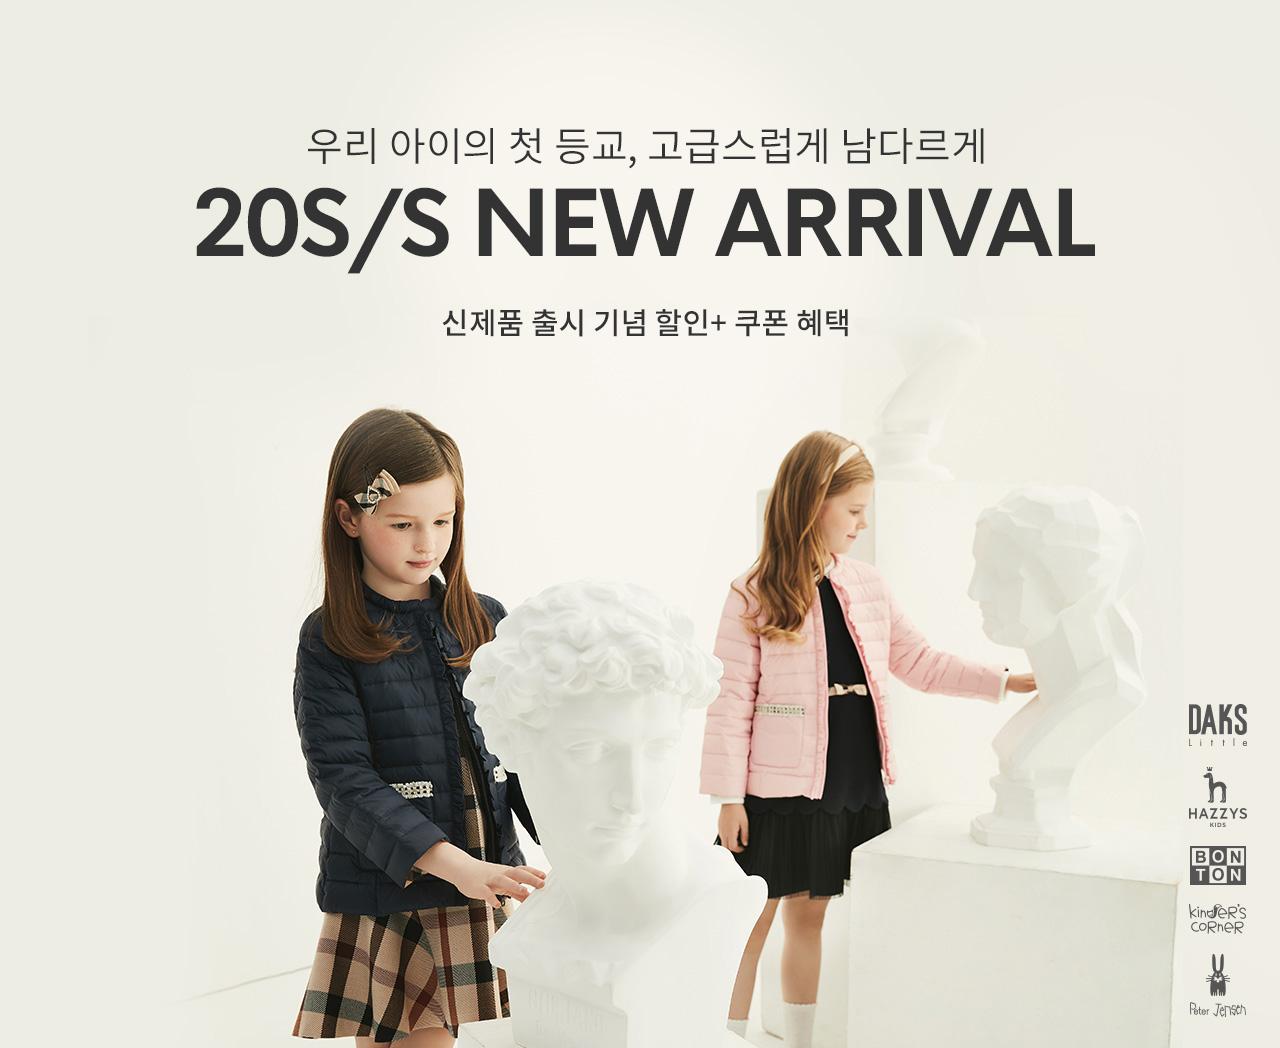 DAKS LITTLE / HAZZYS KIDS 이월 책가방 단독 SALE